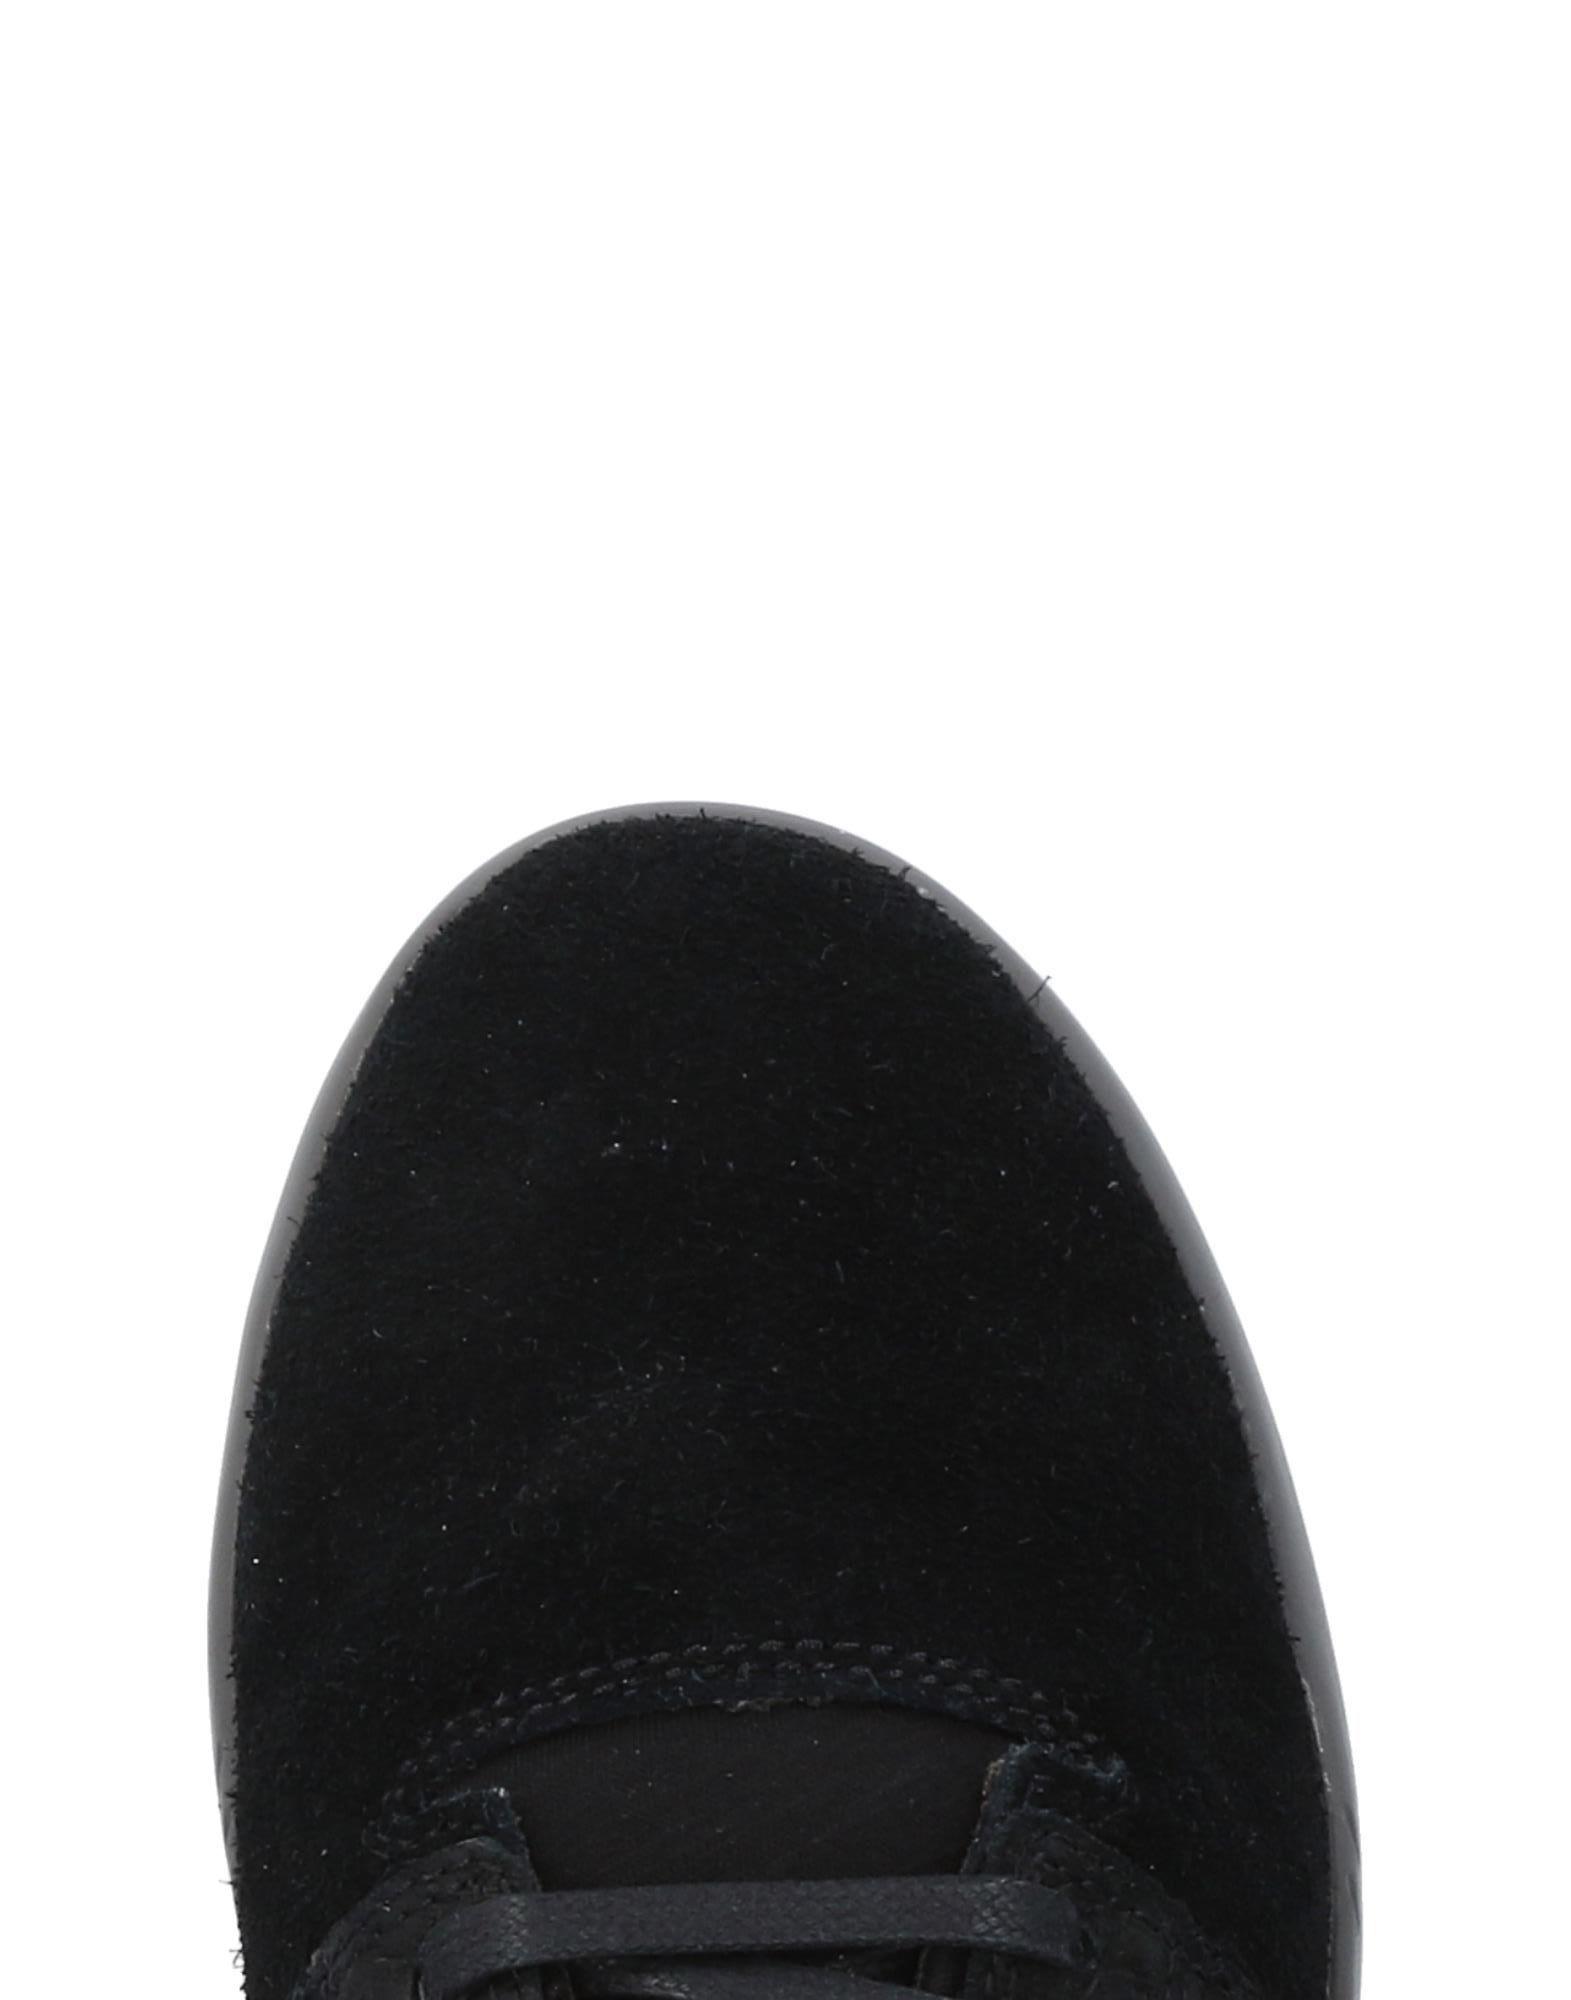 Rabatt echte Sneakers Schuhe Supra Sneakers echte Herren  11472822OG cdcaac